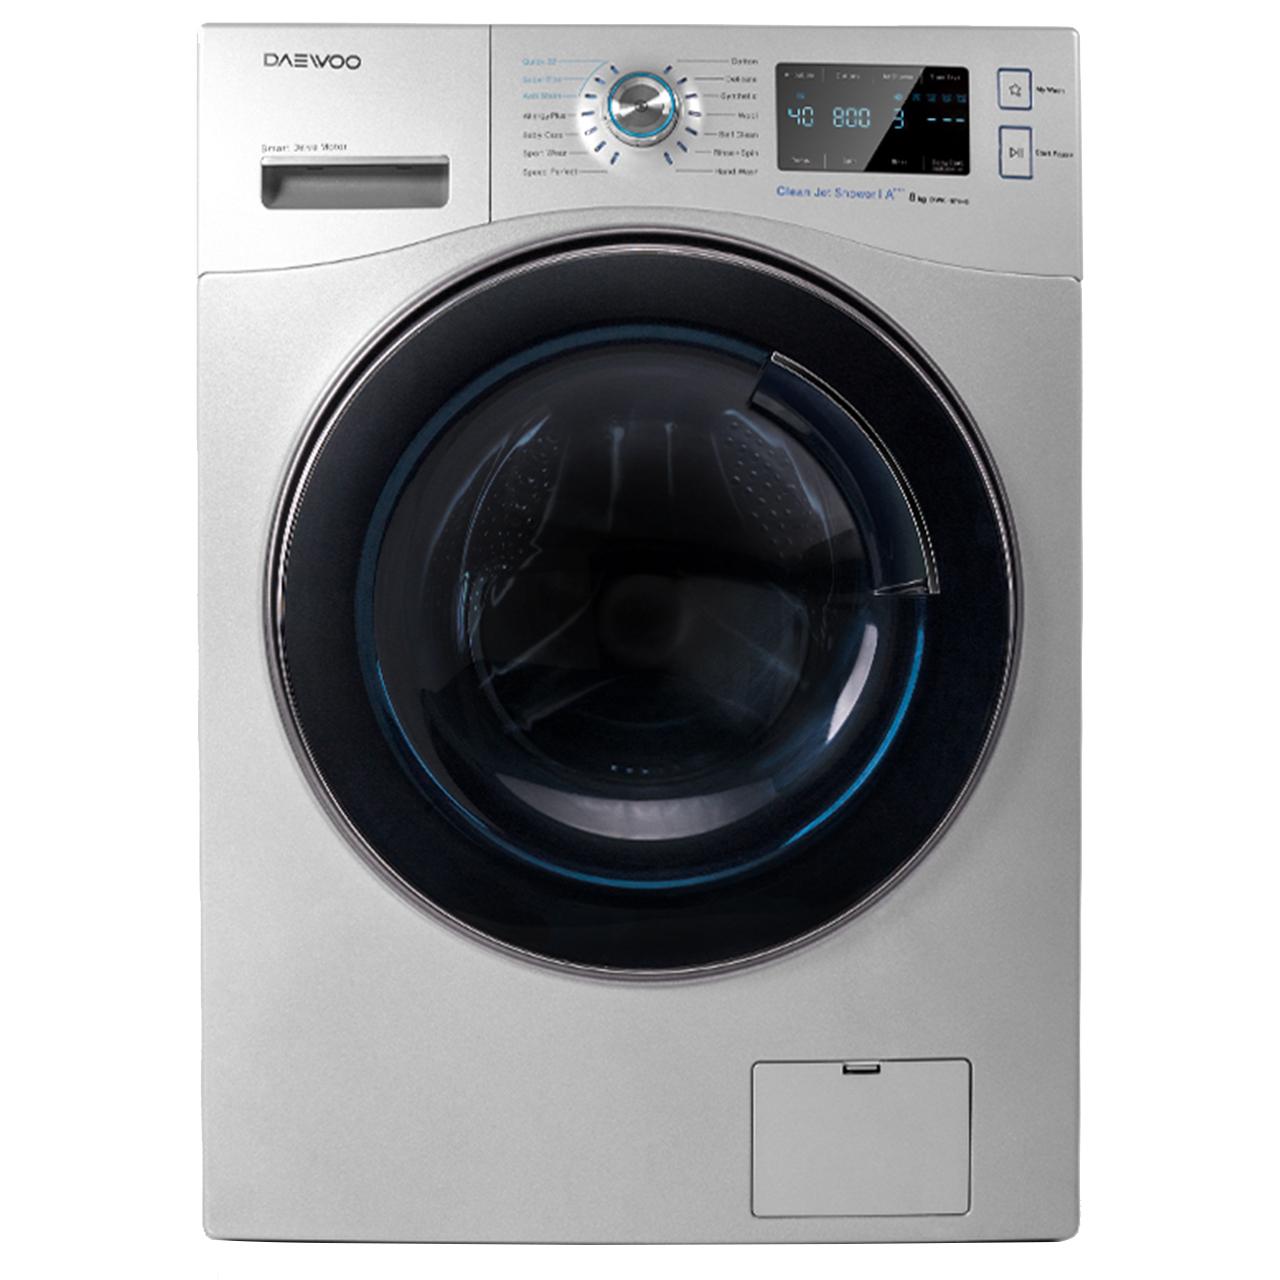 ماشین لباسشویی دوو سری پریمو مدل Dwk-Primo81S ظرفیت 8 کیلوگرم